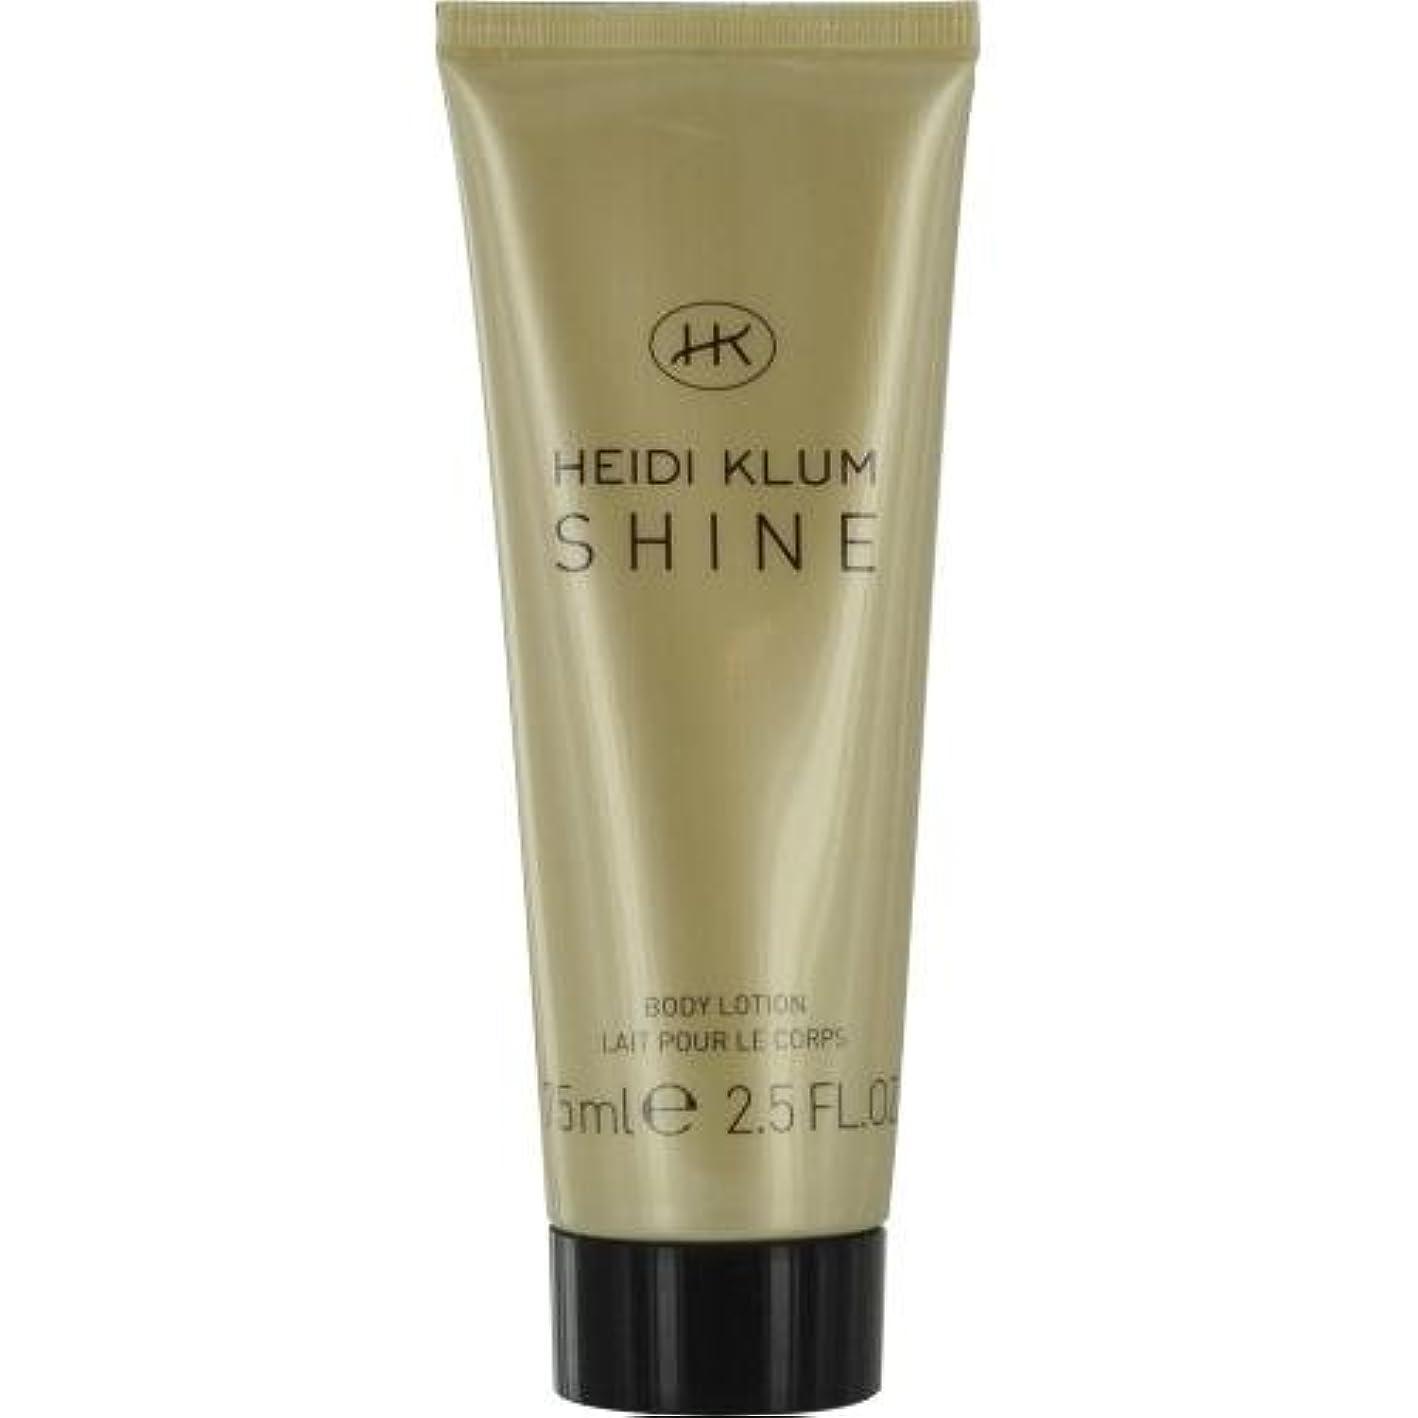 浸漬変な目立つHEIDI KLUM SHINE by Heidi Klum BODY LOTION 2.5 OZ for WOMEN by Heidi Klum